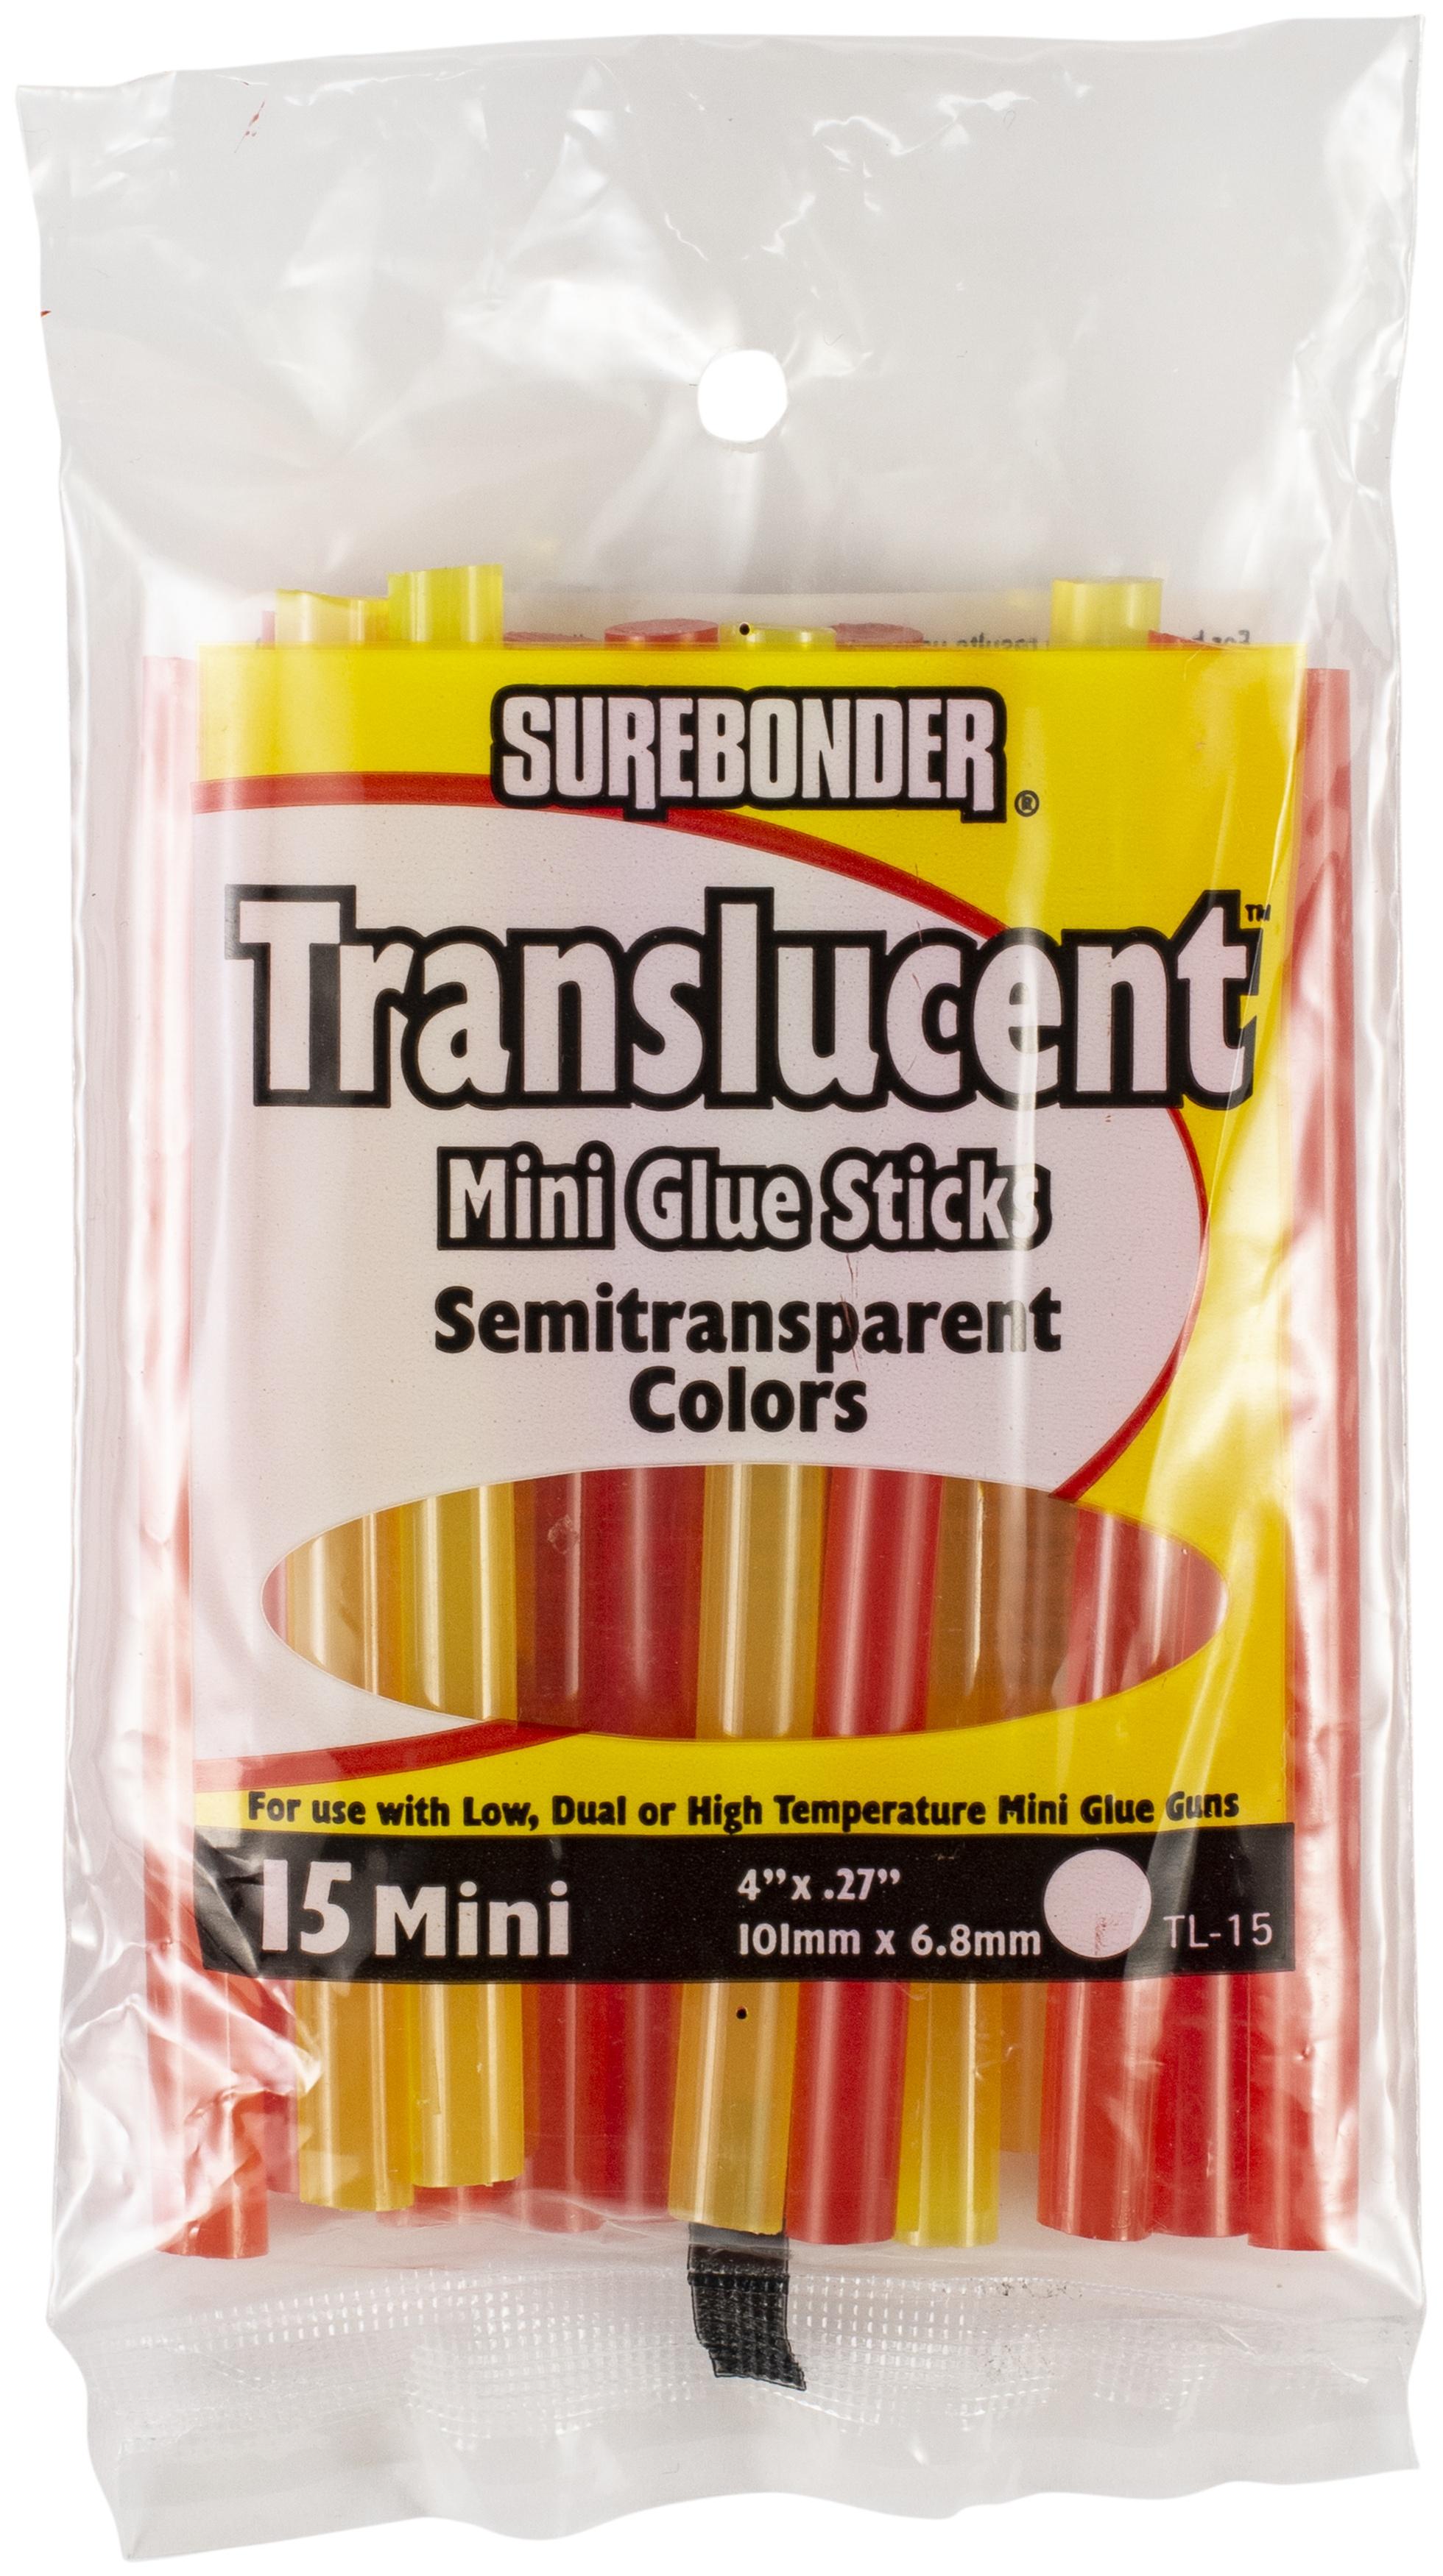 Translucent Mini Glue Sticks-.27X4 15/Pkg Assorted Colors